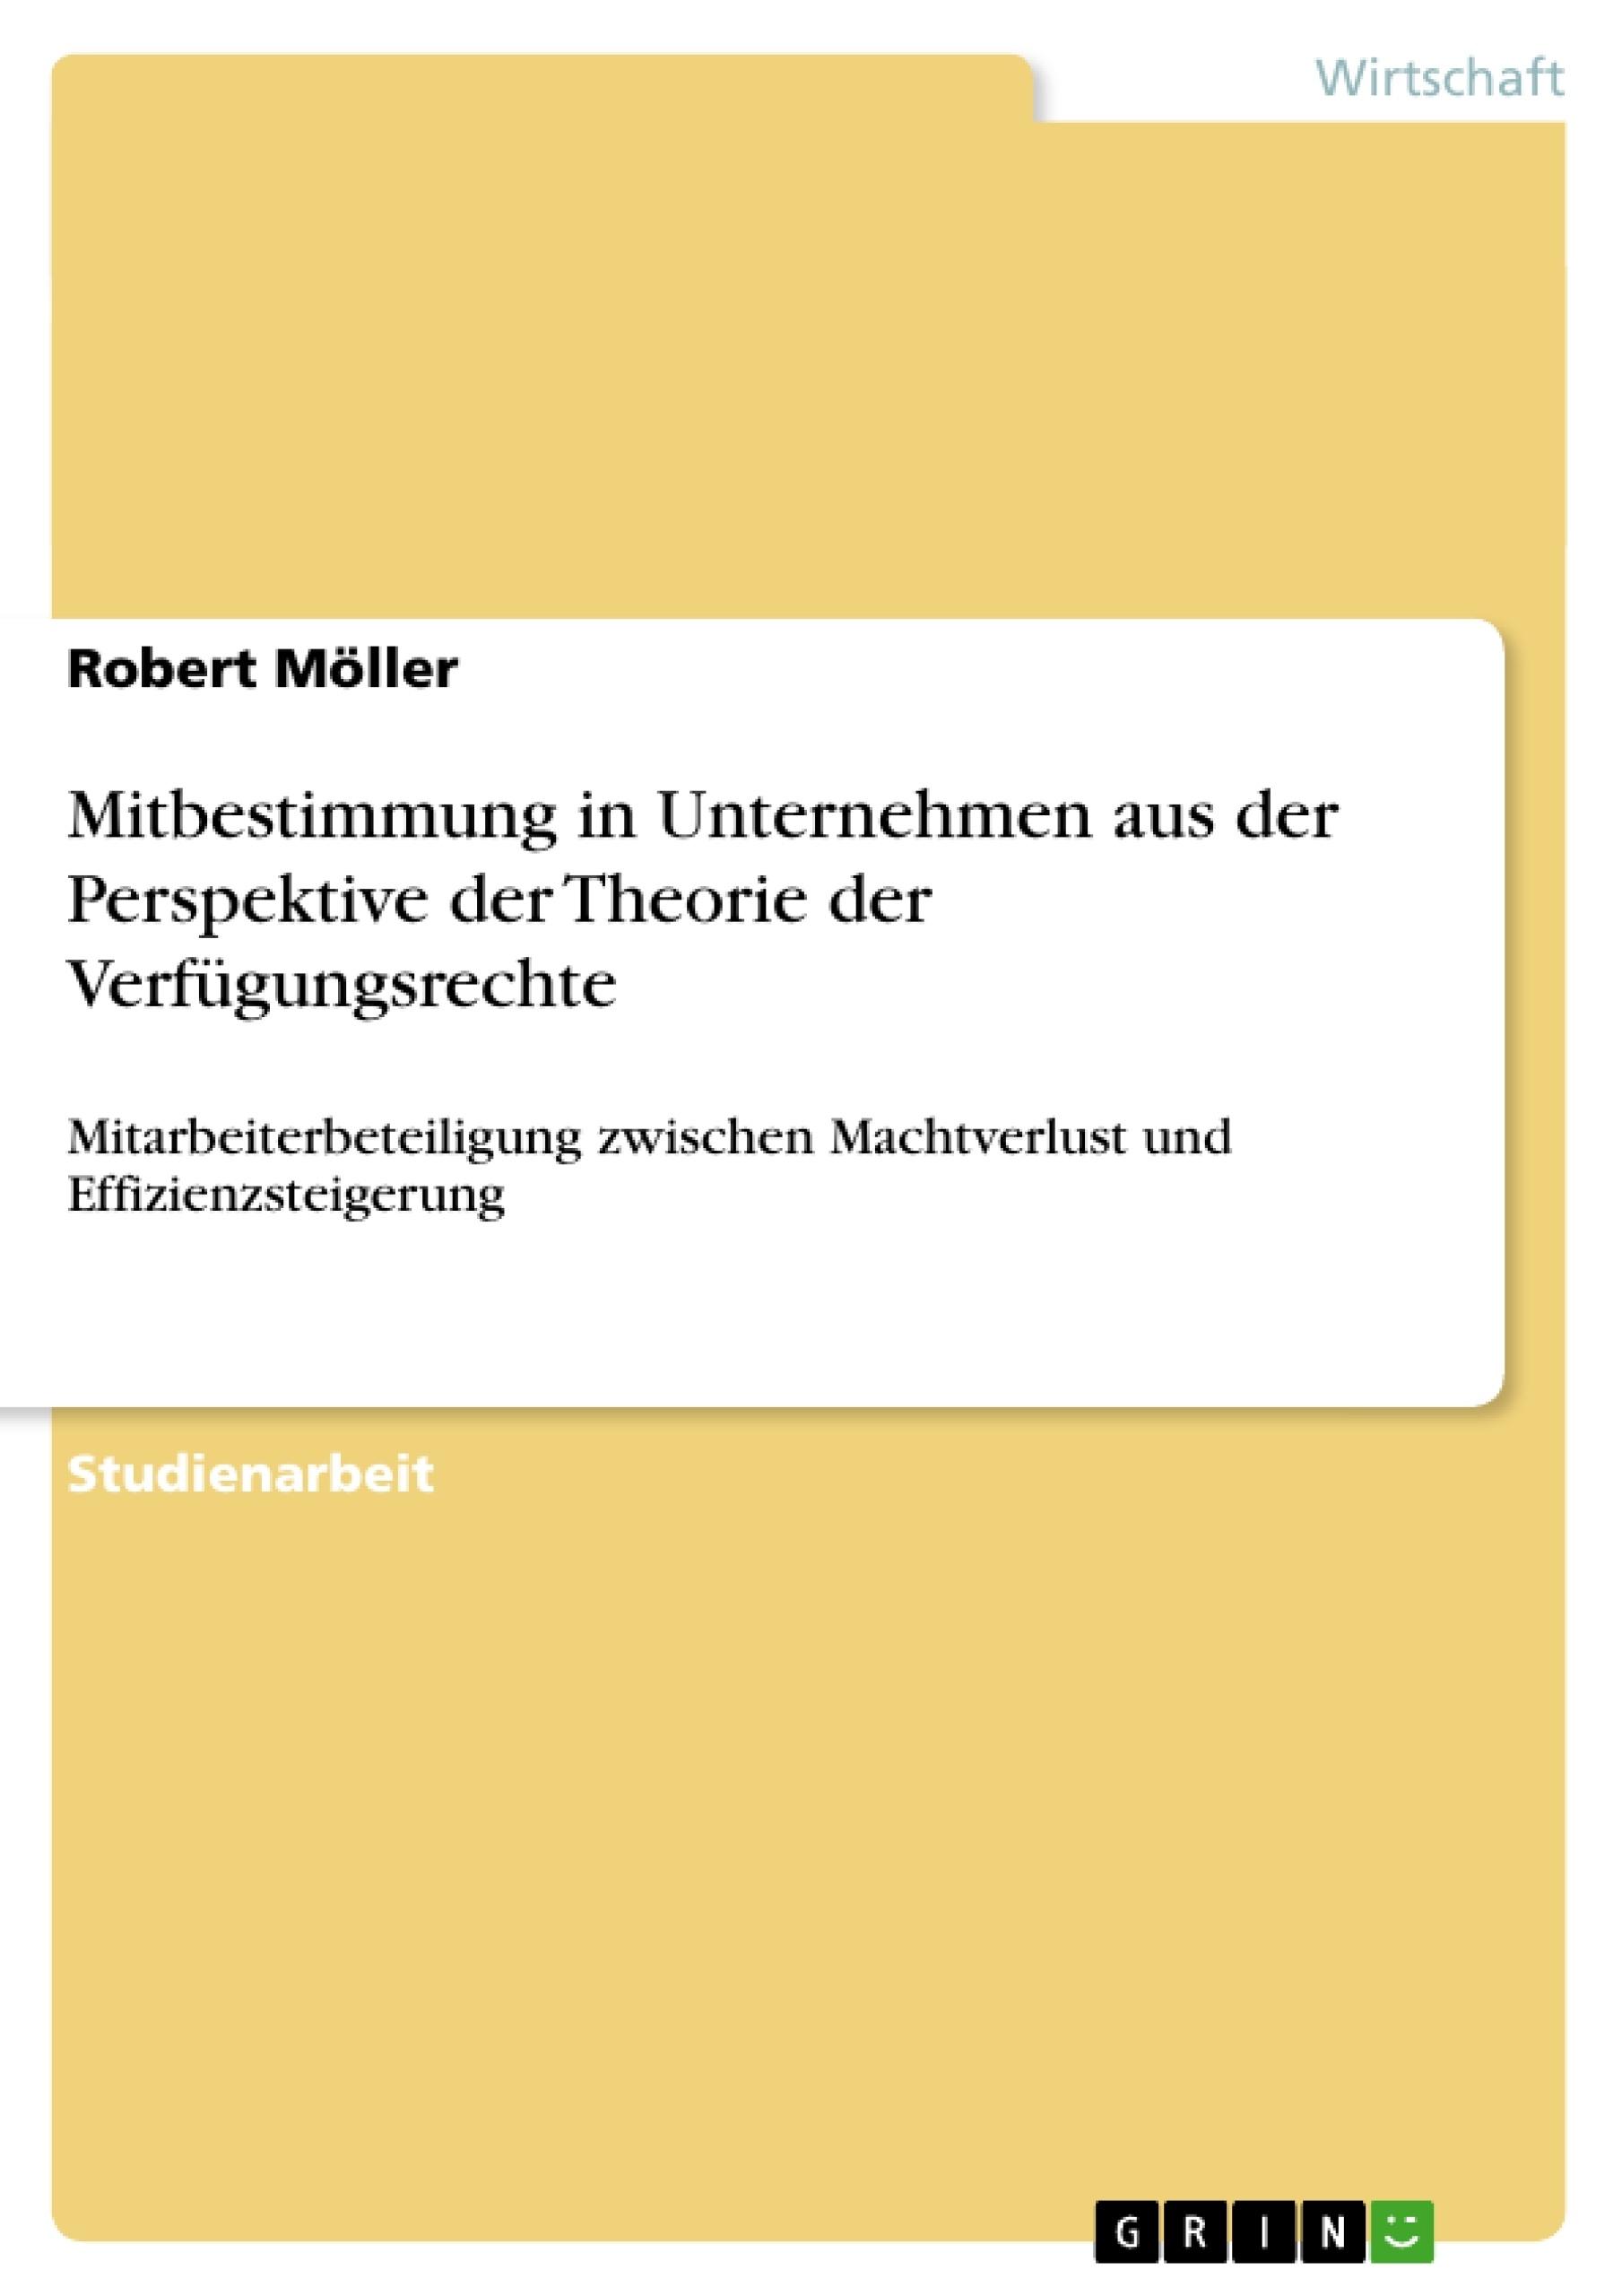 Titel: Mitbestimmung in Unternehmen aus der Perspektive der Theorie der Verfügungsrechte